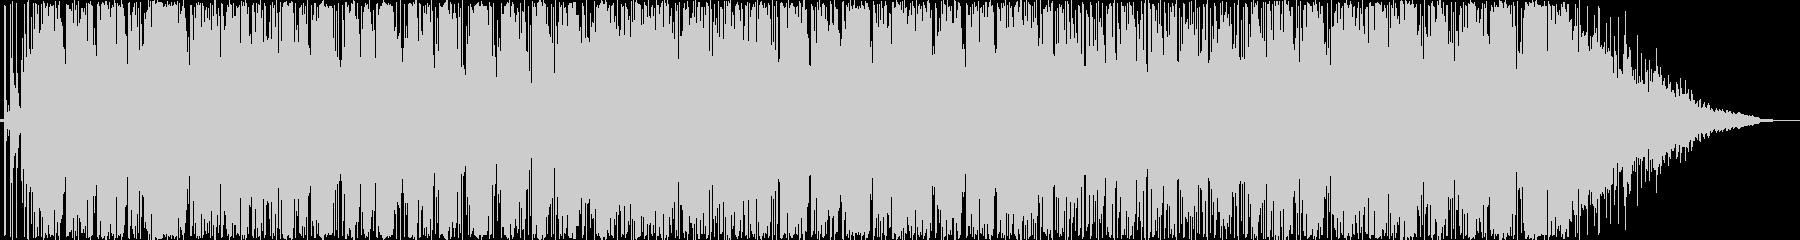 ファーファンク。ミディアムファンキ...の未再生の波形